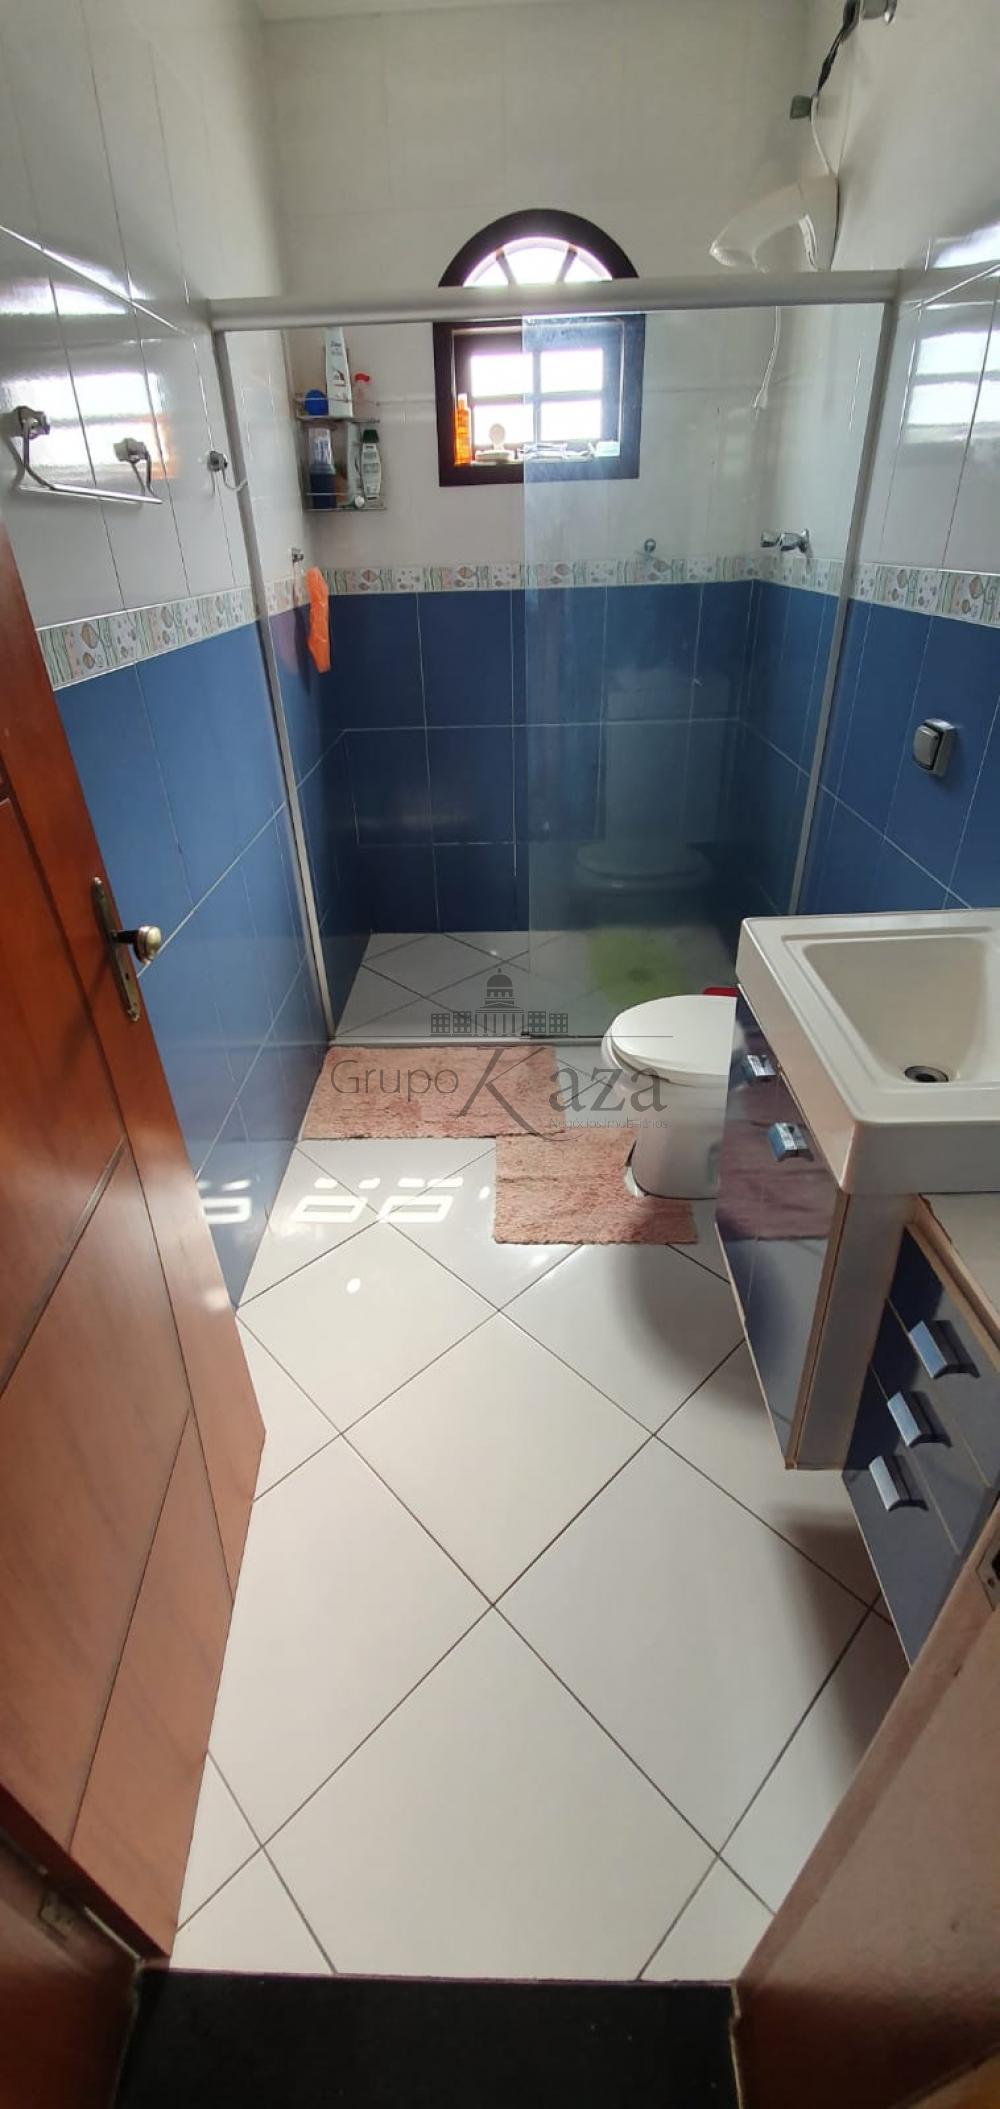 alt='Comprar Casa / Sobrado em São José dos Campos R$ 330.000,00 - Foto 8' title='Comprar Casa / Sobrado em São José dos Campos R$ 330.000,00 - Foto 8'